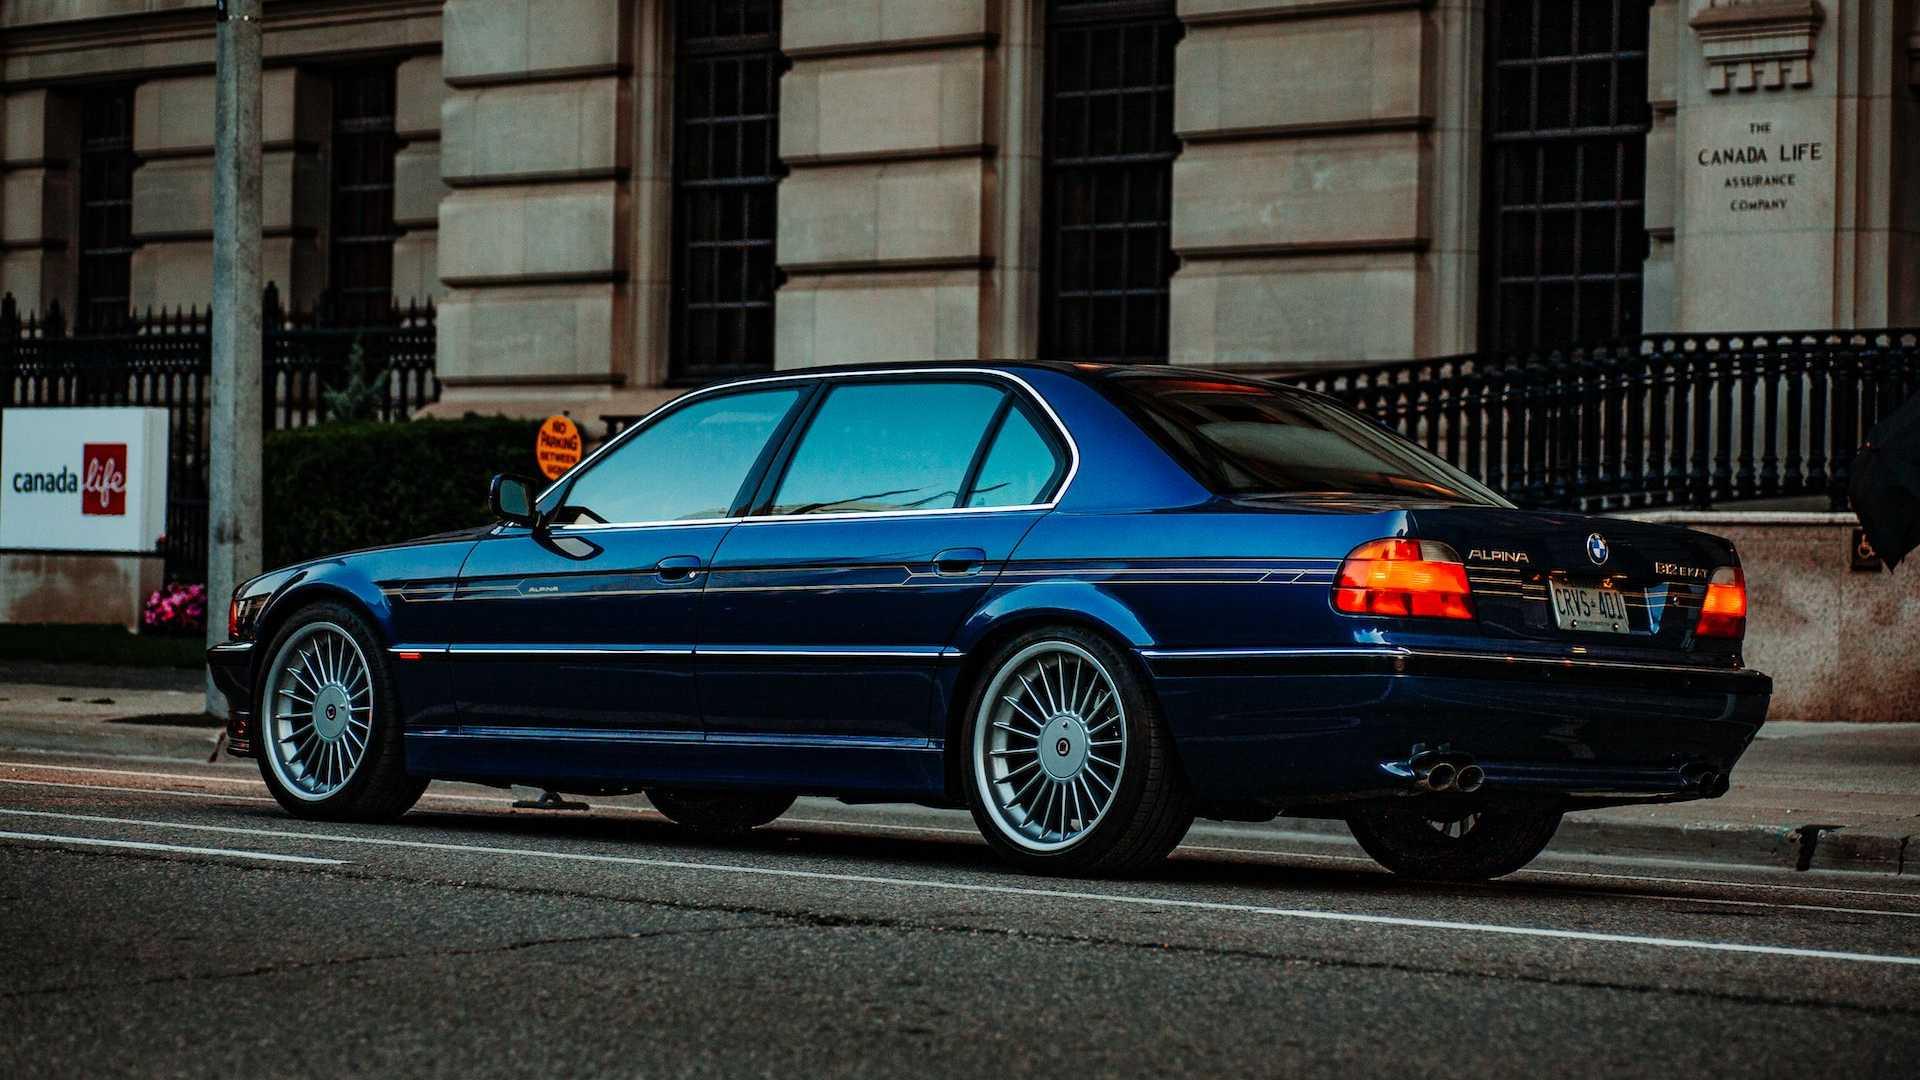 rare-1998-alpina-b12-5.7-for-sale-2